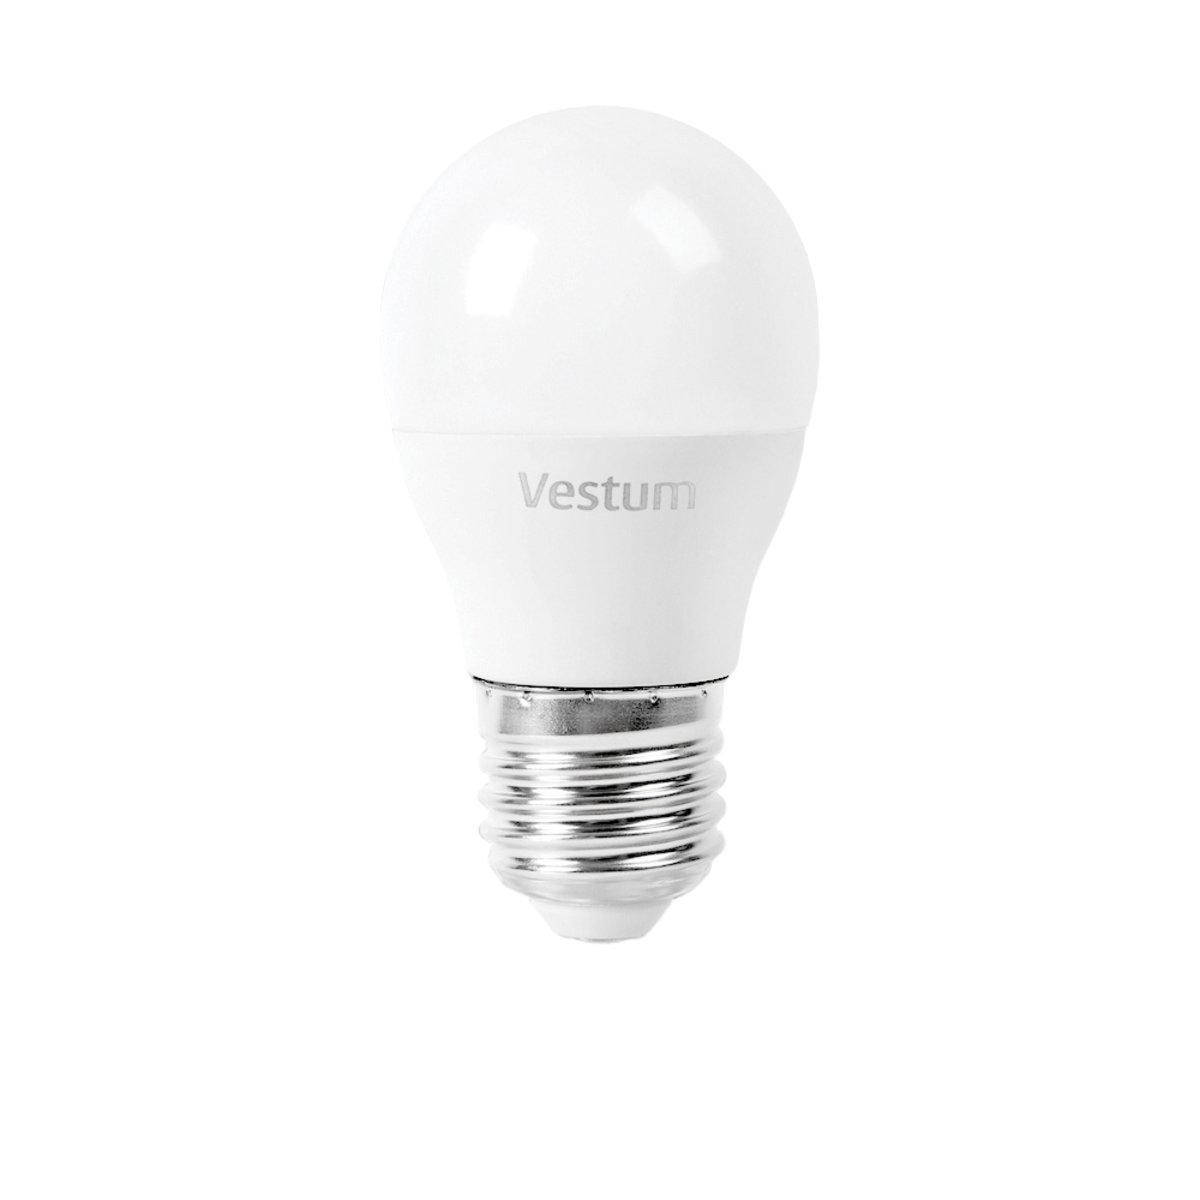 Лампа LED Vestum G45 4W 4100K 220V E27